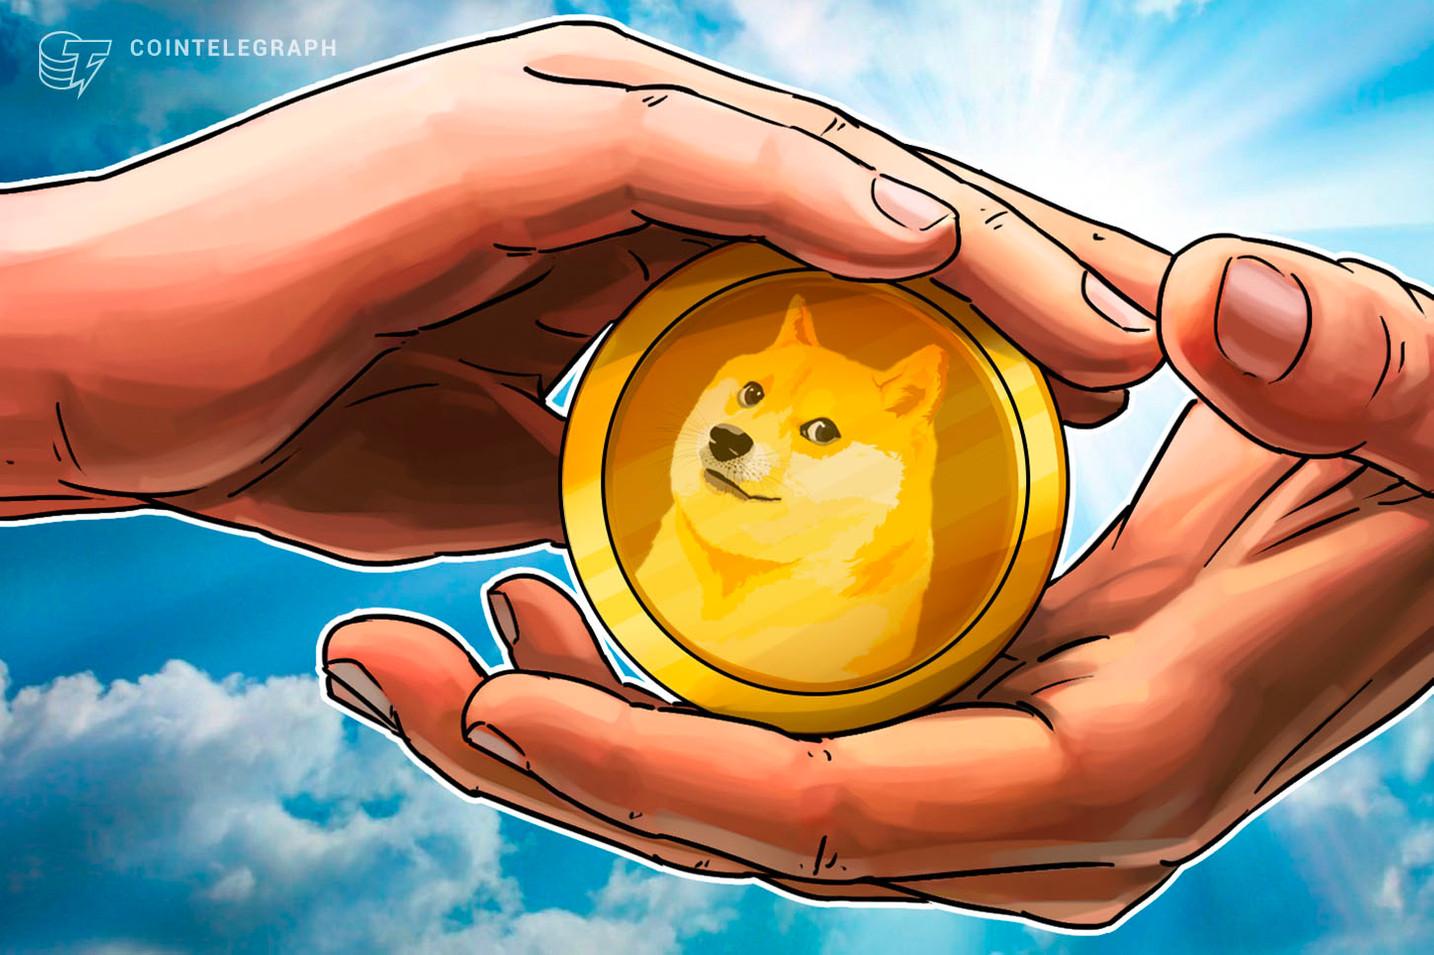 روبن هود تضيف الدعم لدوجكوين على منصة العملات المشفرة